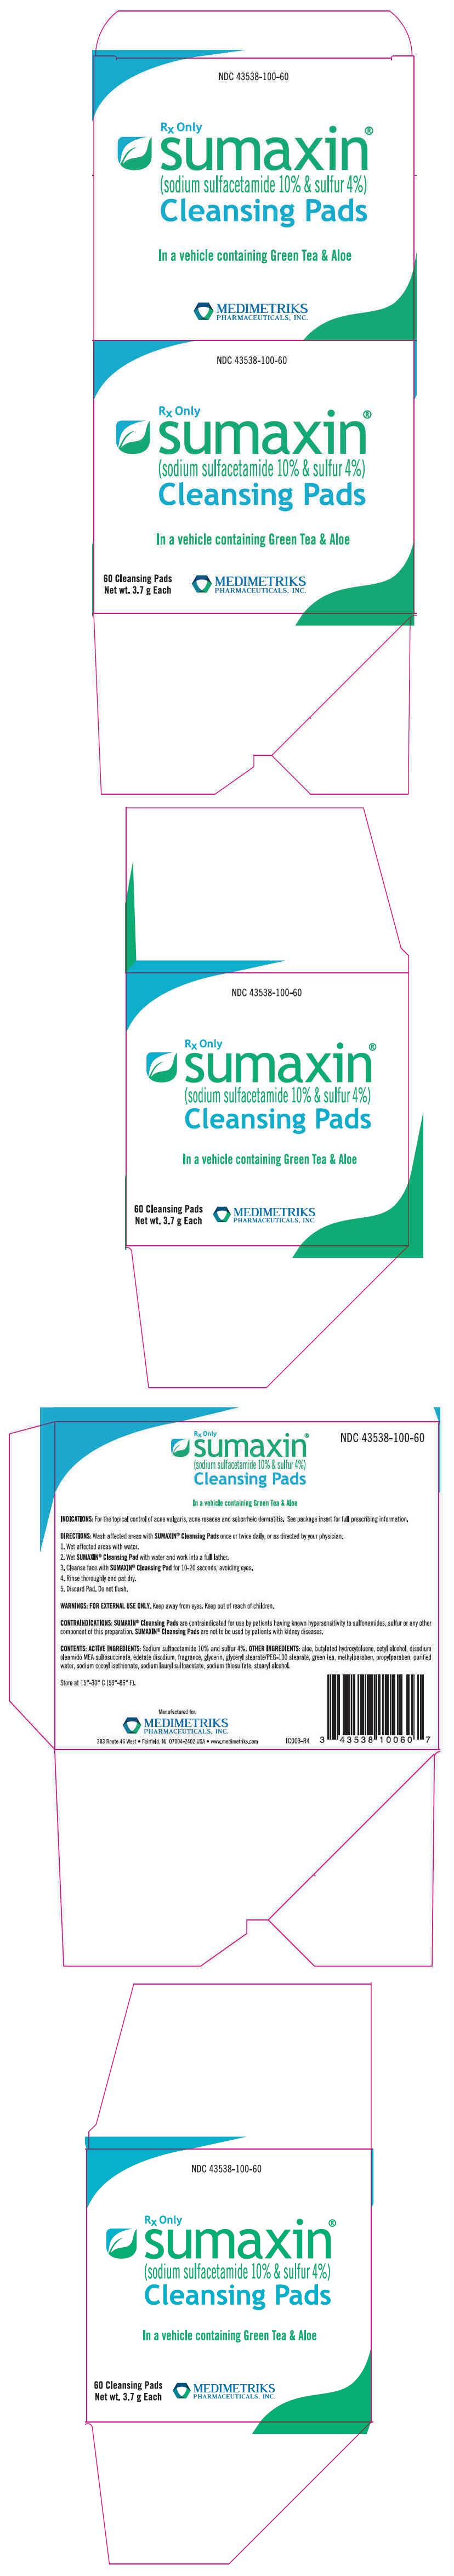 Sumaxin Cleansing Pads (Sulfacetamide Sodium And Sulfur) Cloth Sumaxin Cp (Sulfacetamide Sodium And Sulfur) Kit [Medimetriks Pharmaceuticals, Inc.]